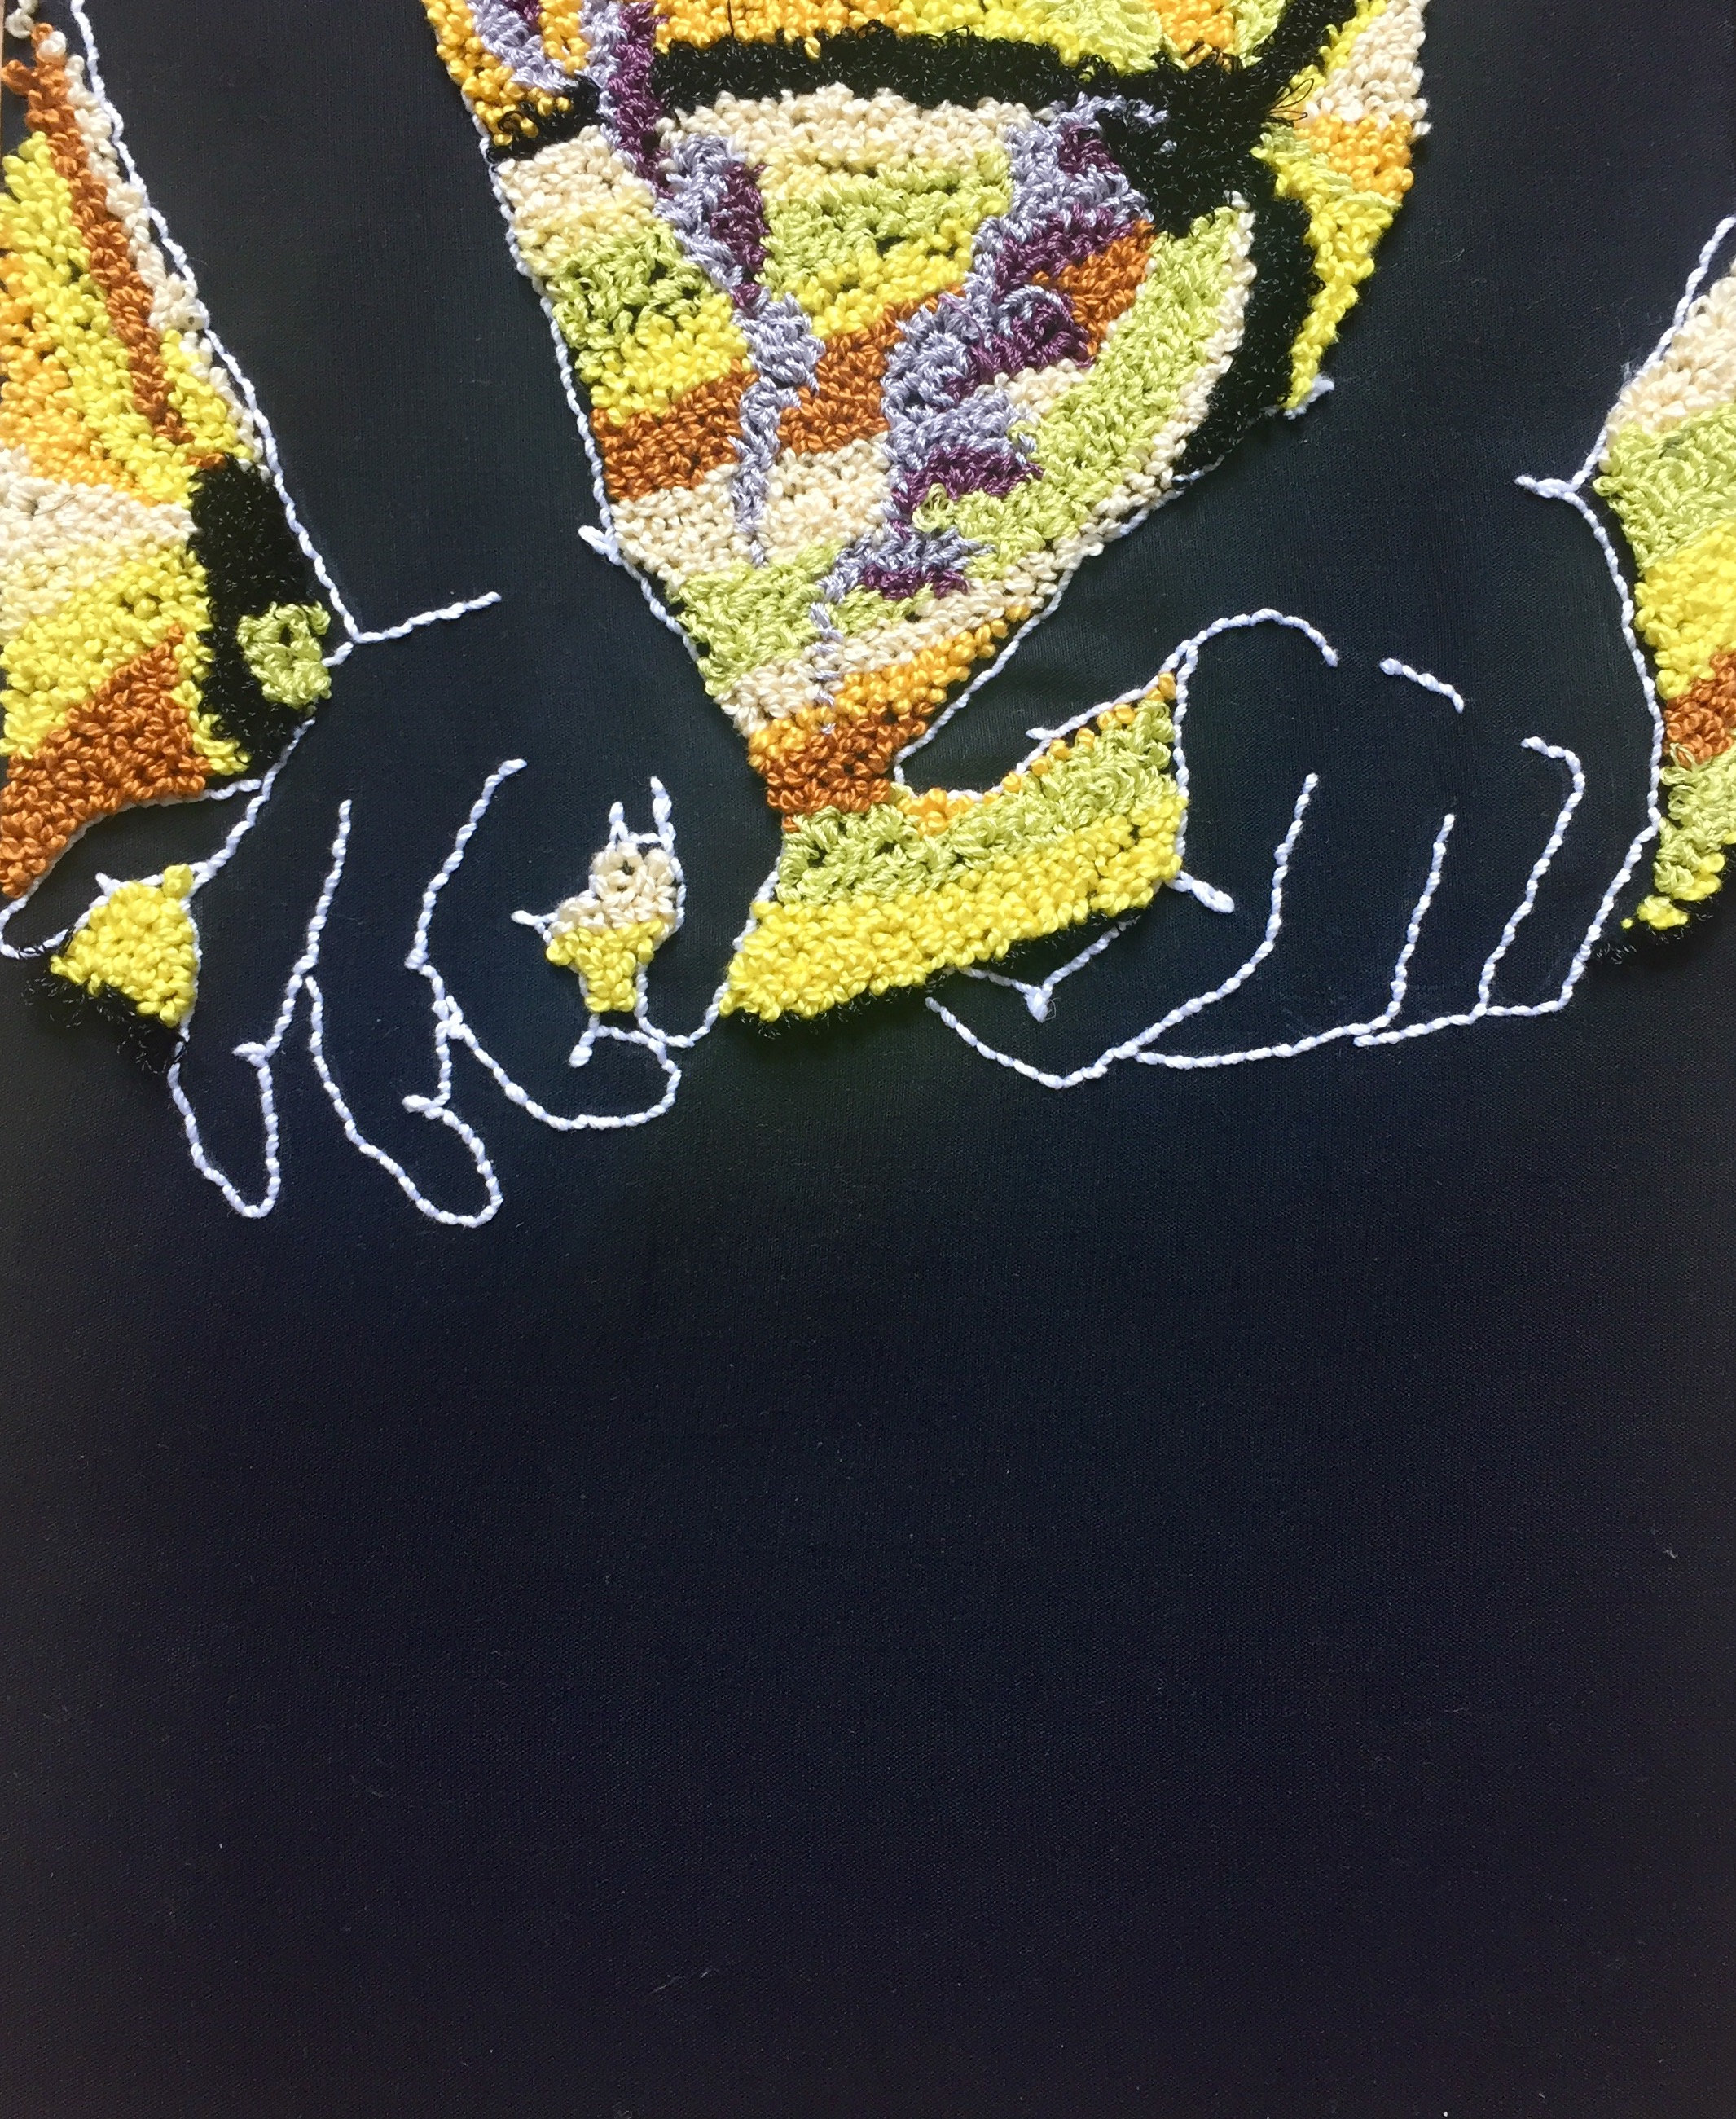 dartily-hands